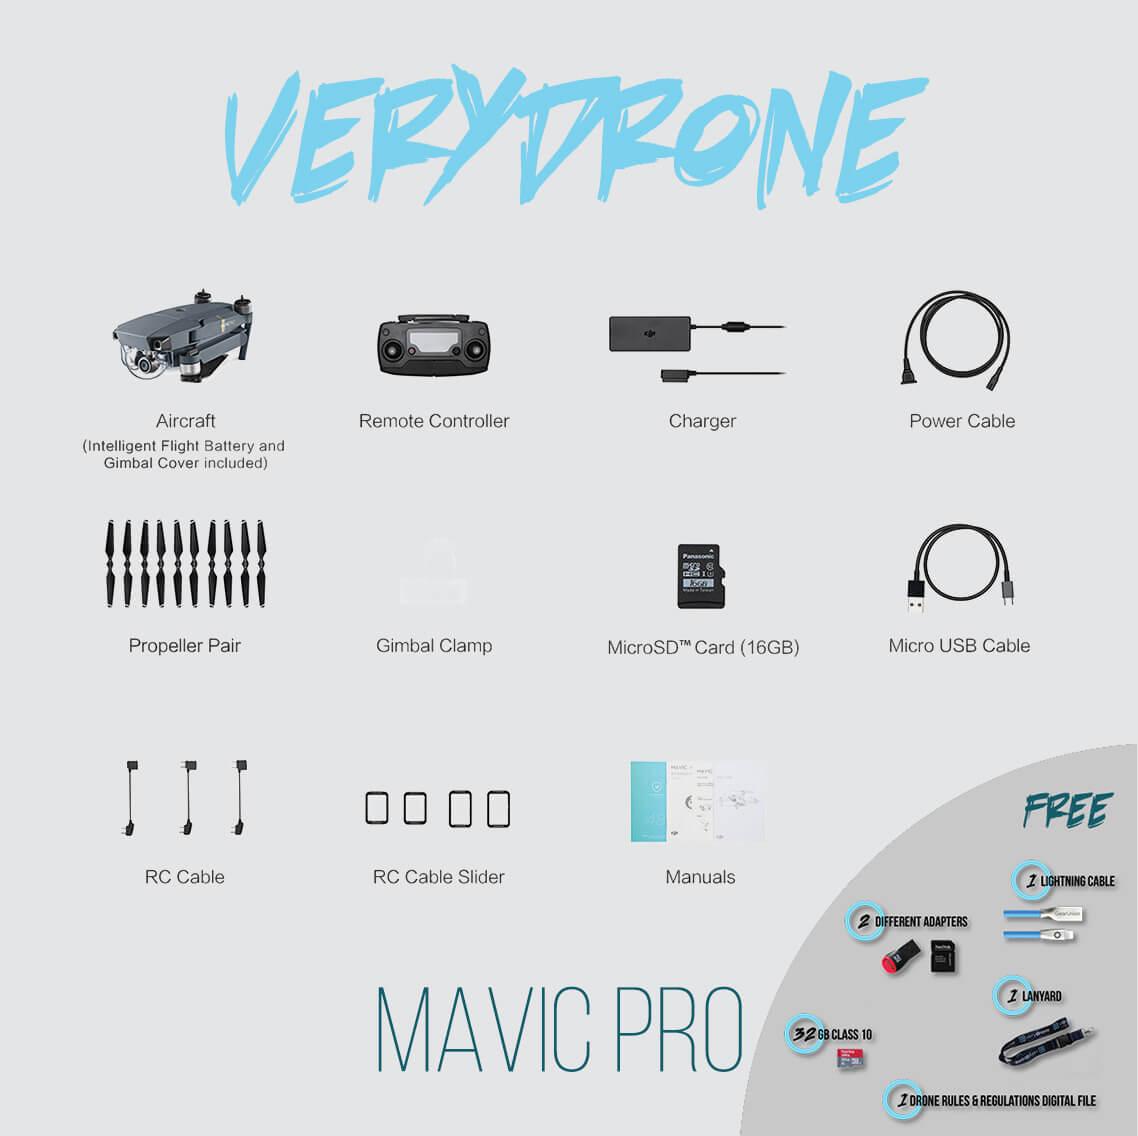 DJI Mavic Pro